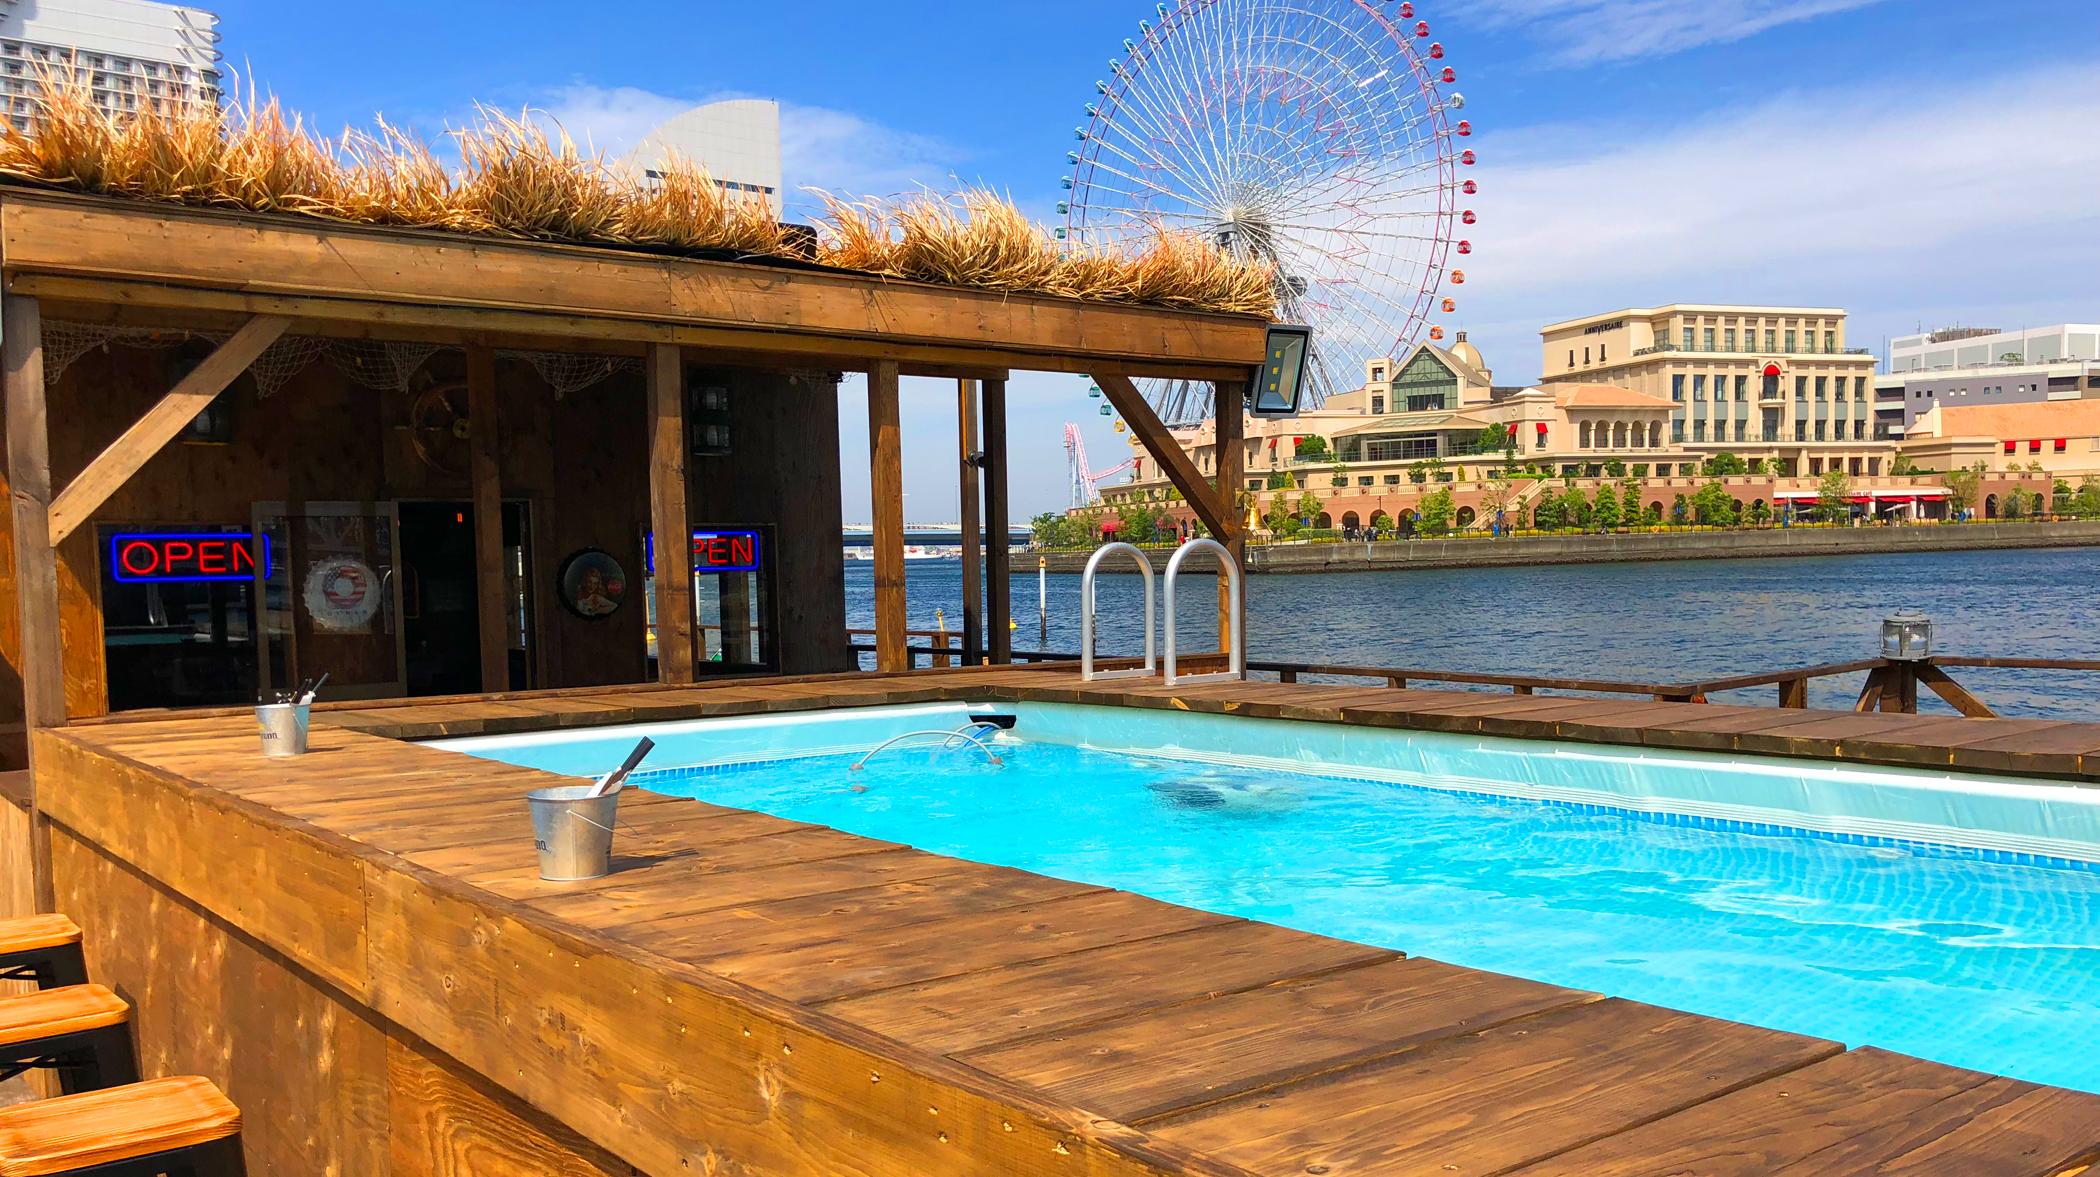 カフェ・バー ヘミングウェイ 横浜 in 横浜港ボートパーク